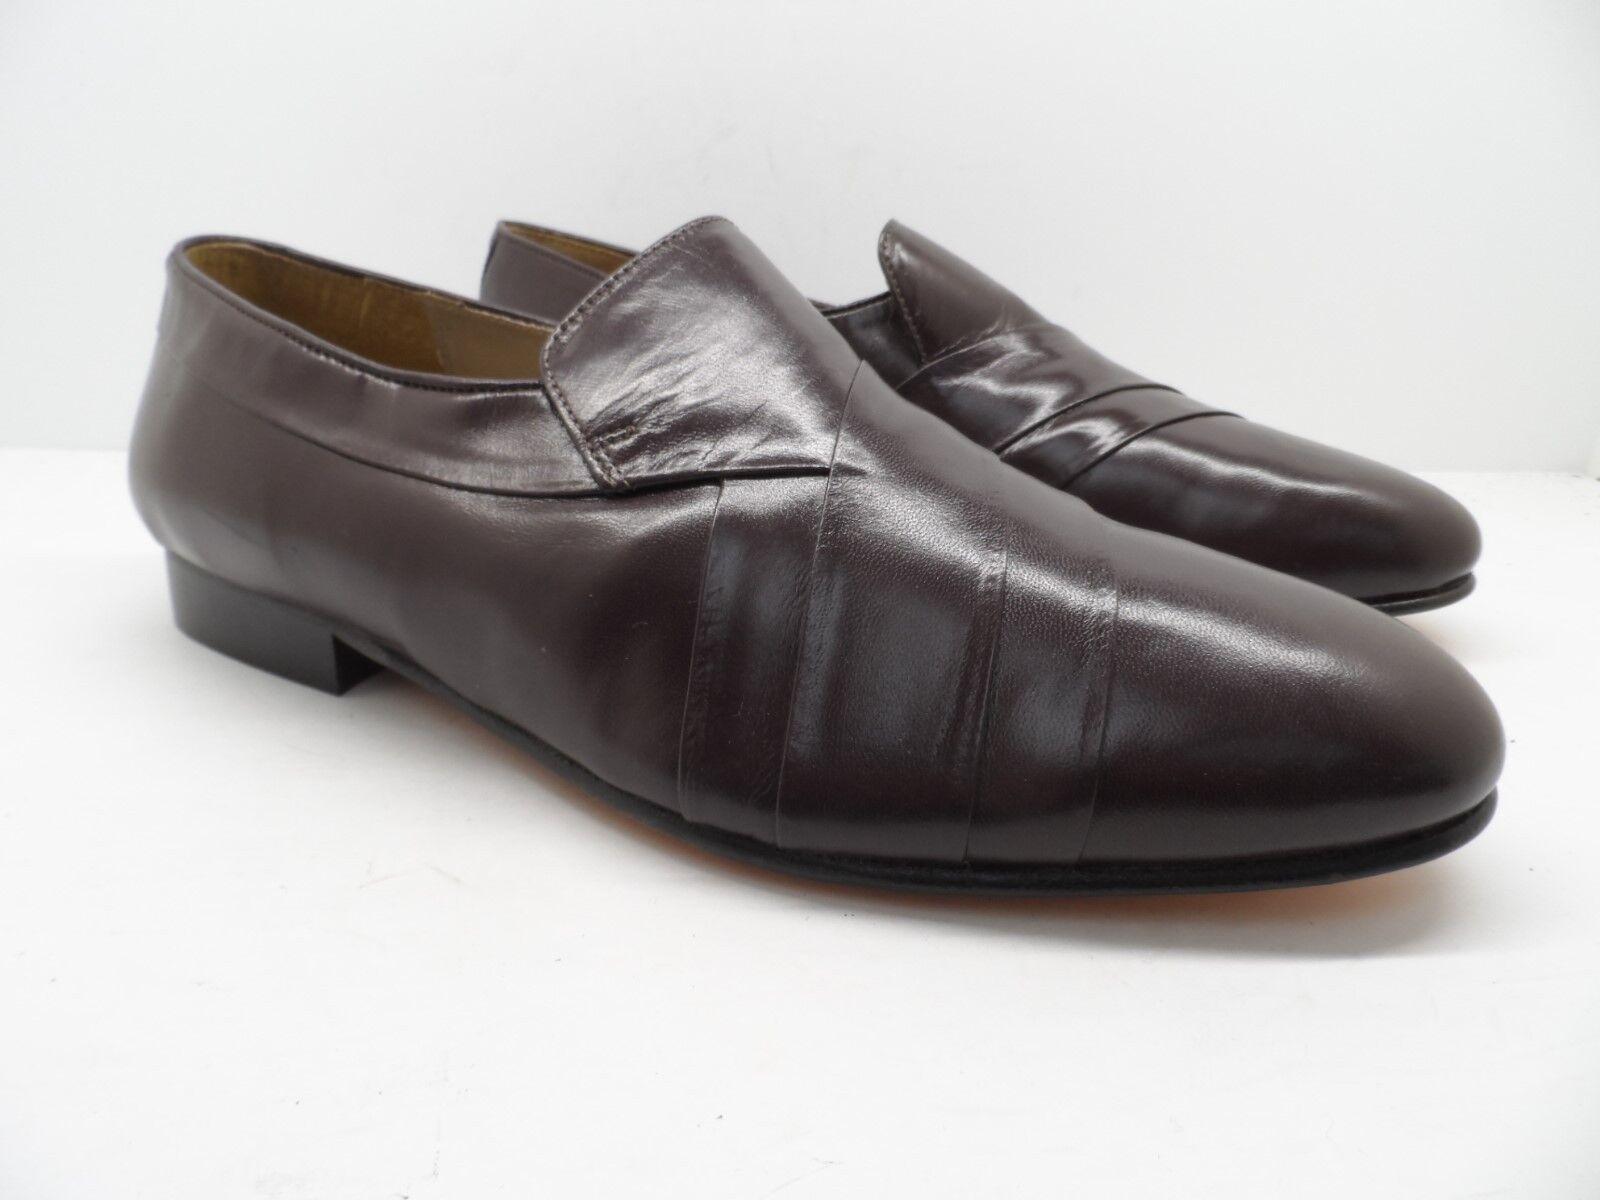 Giorgio Brutini Men's Pierce 244387 Kidskin Slip On Loafer Wine Size 8 Wide